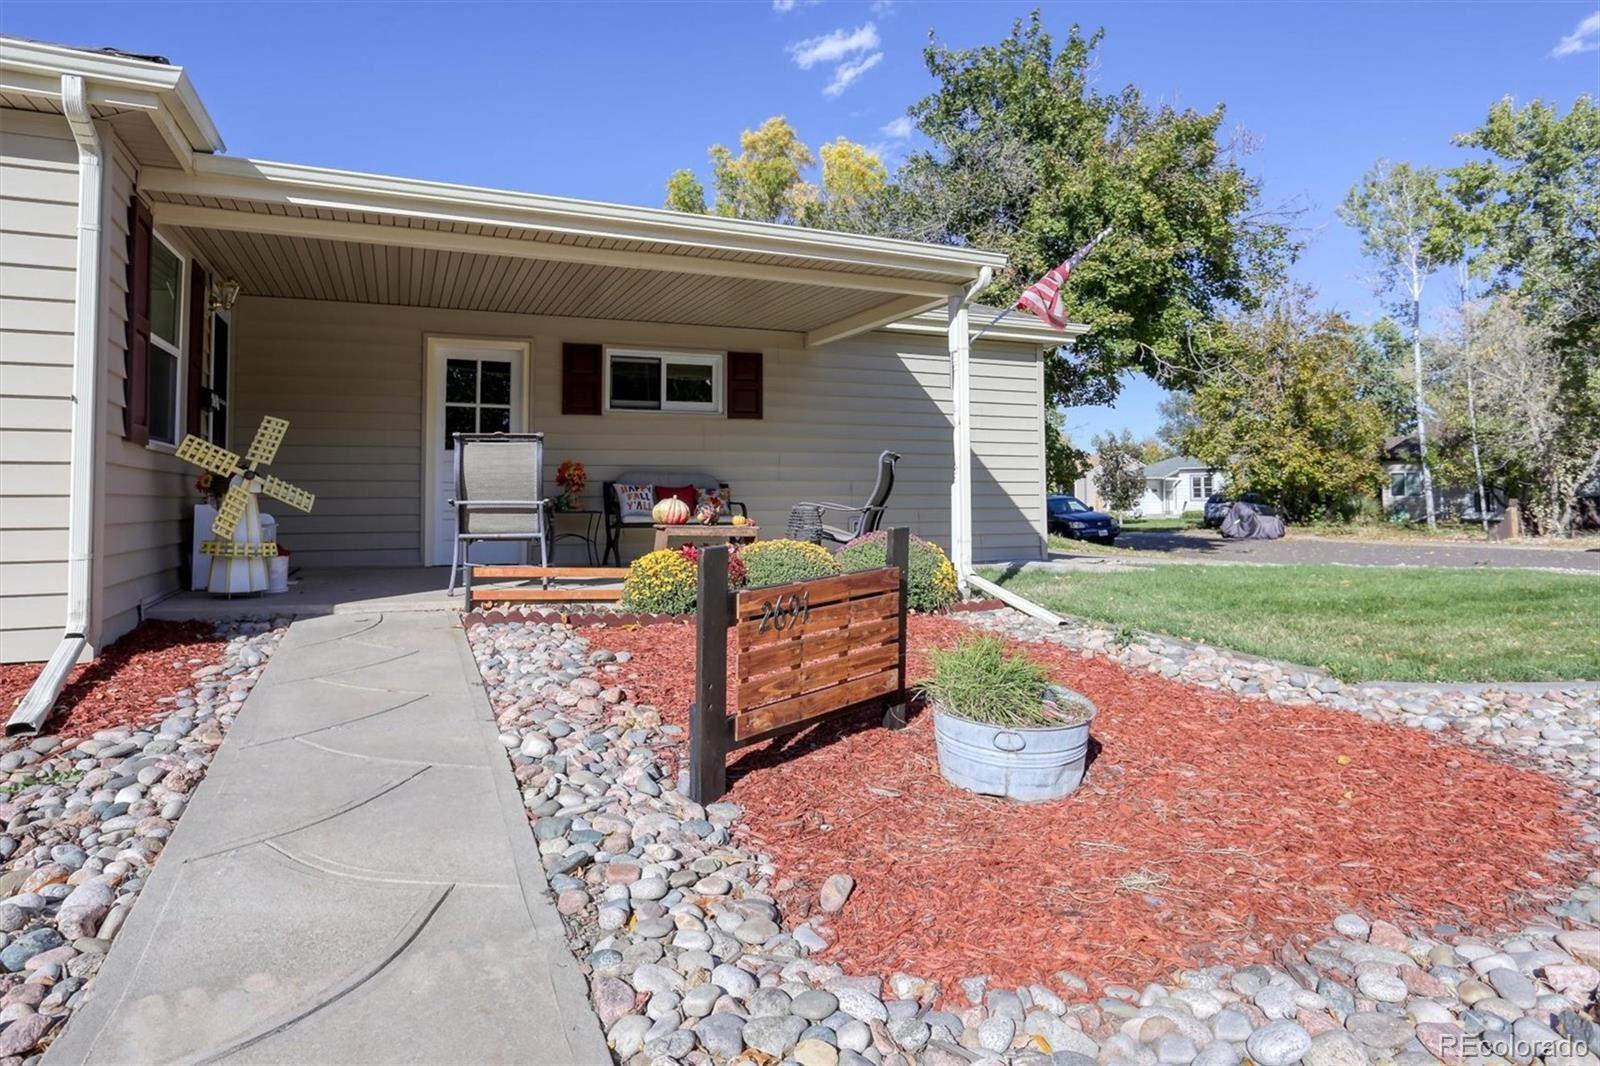 Photo of 2691 S Vine Street, Denver, CO 80210 (MLS # 8437198)